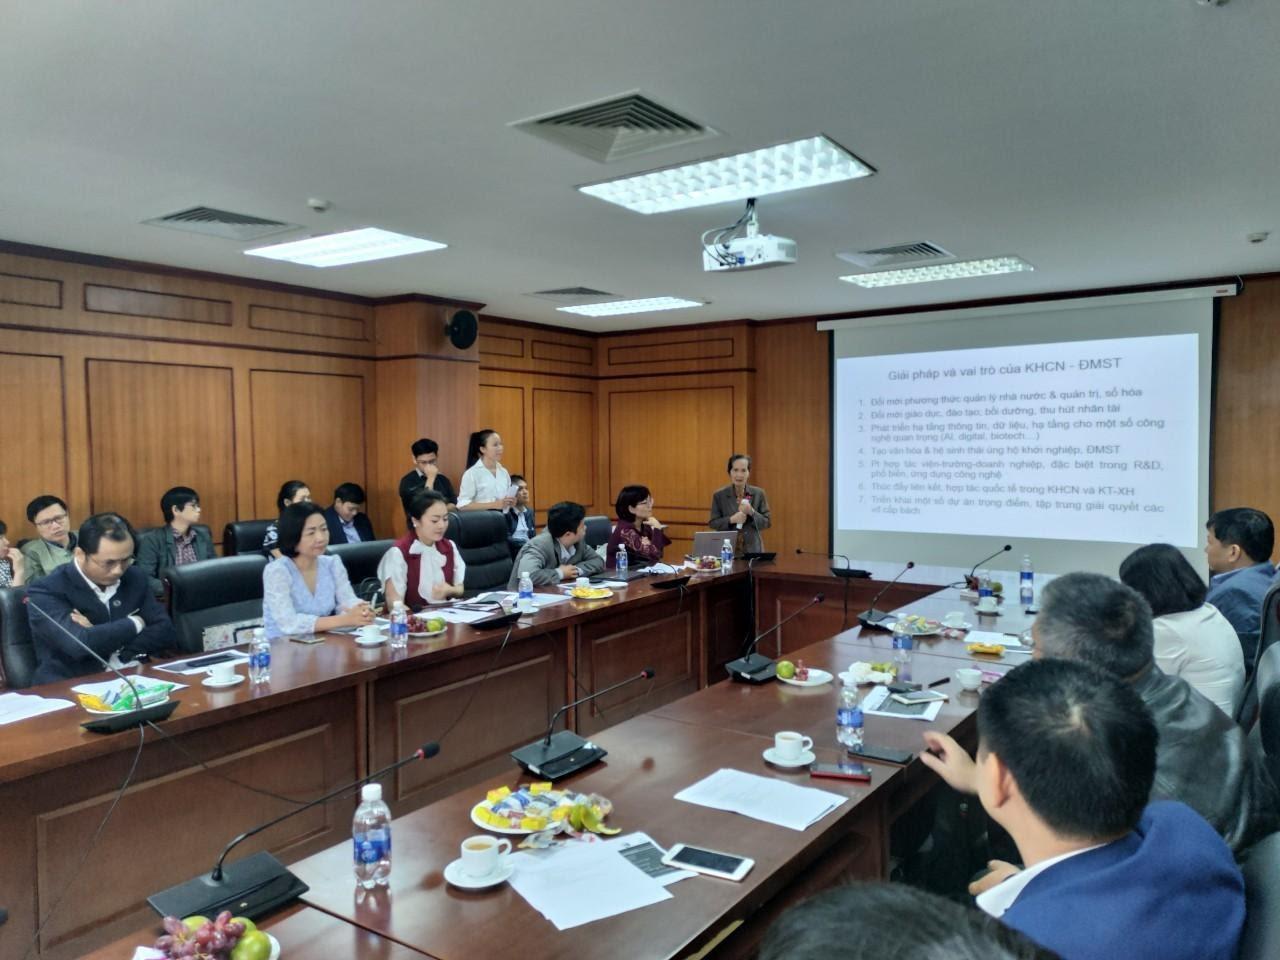 Bà Phạm Chi Lan phát biểu trong lễ ra mắt LIFVietnam ngày 11/4. Ảnh: LIFVietnam.